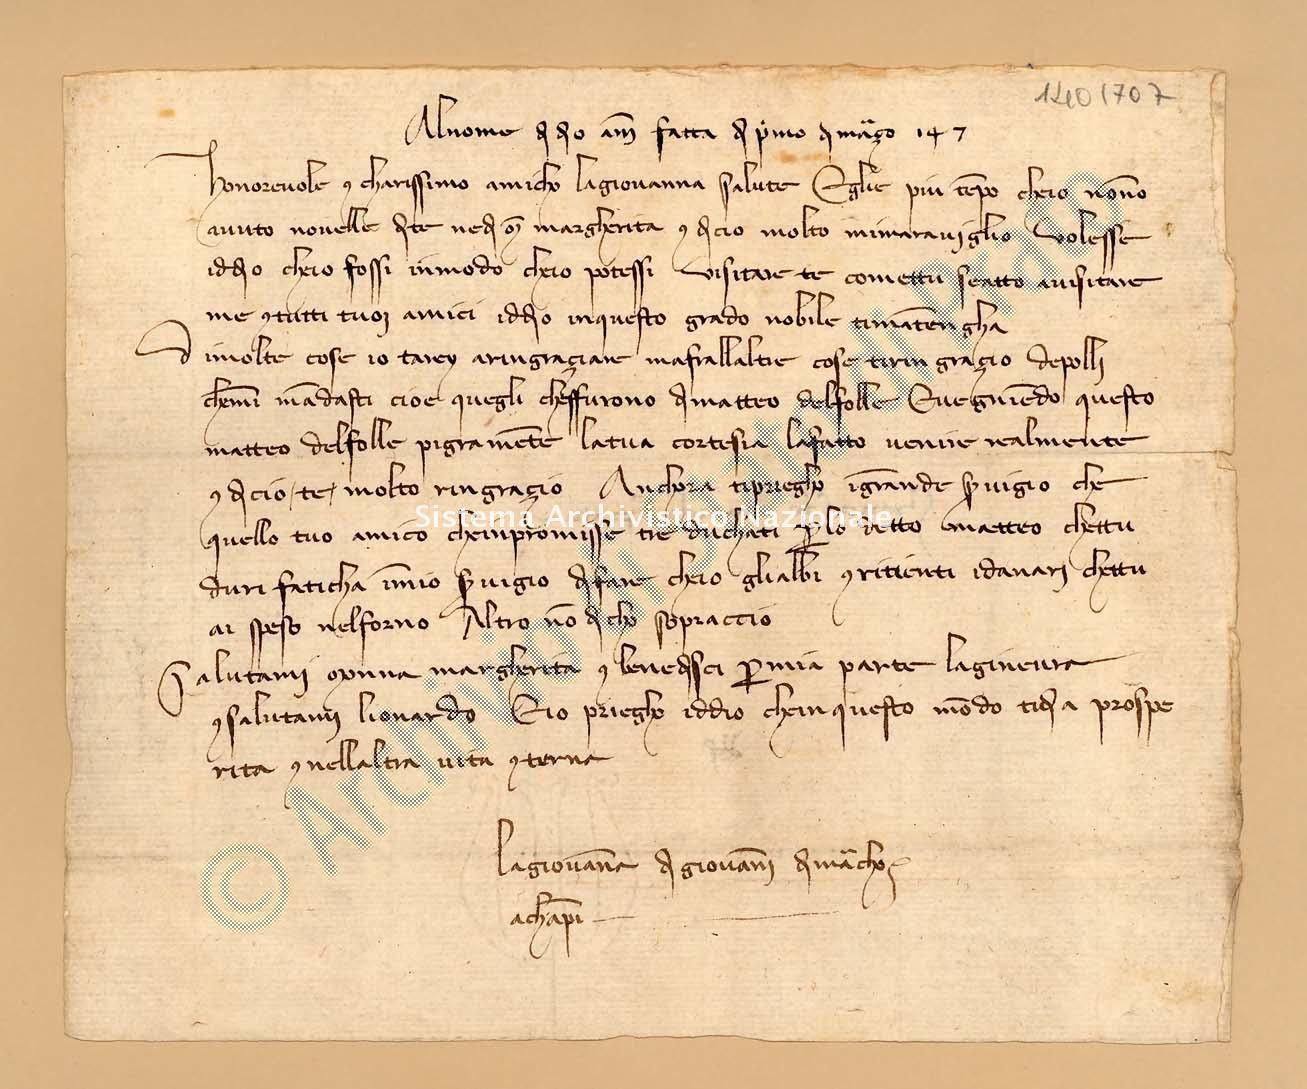 Archivio di Stato di Prato, Fondo Datini, Lettere di vari a Francesco Datini, 1093.10 Lettere Di Giovanna Di Giovanni Di Marco a Datini Francesco Di Marco (busta 1093, inserto 10, codice 1401707)